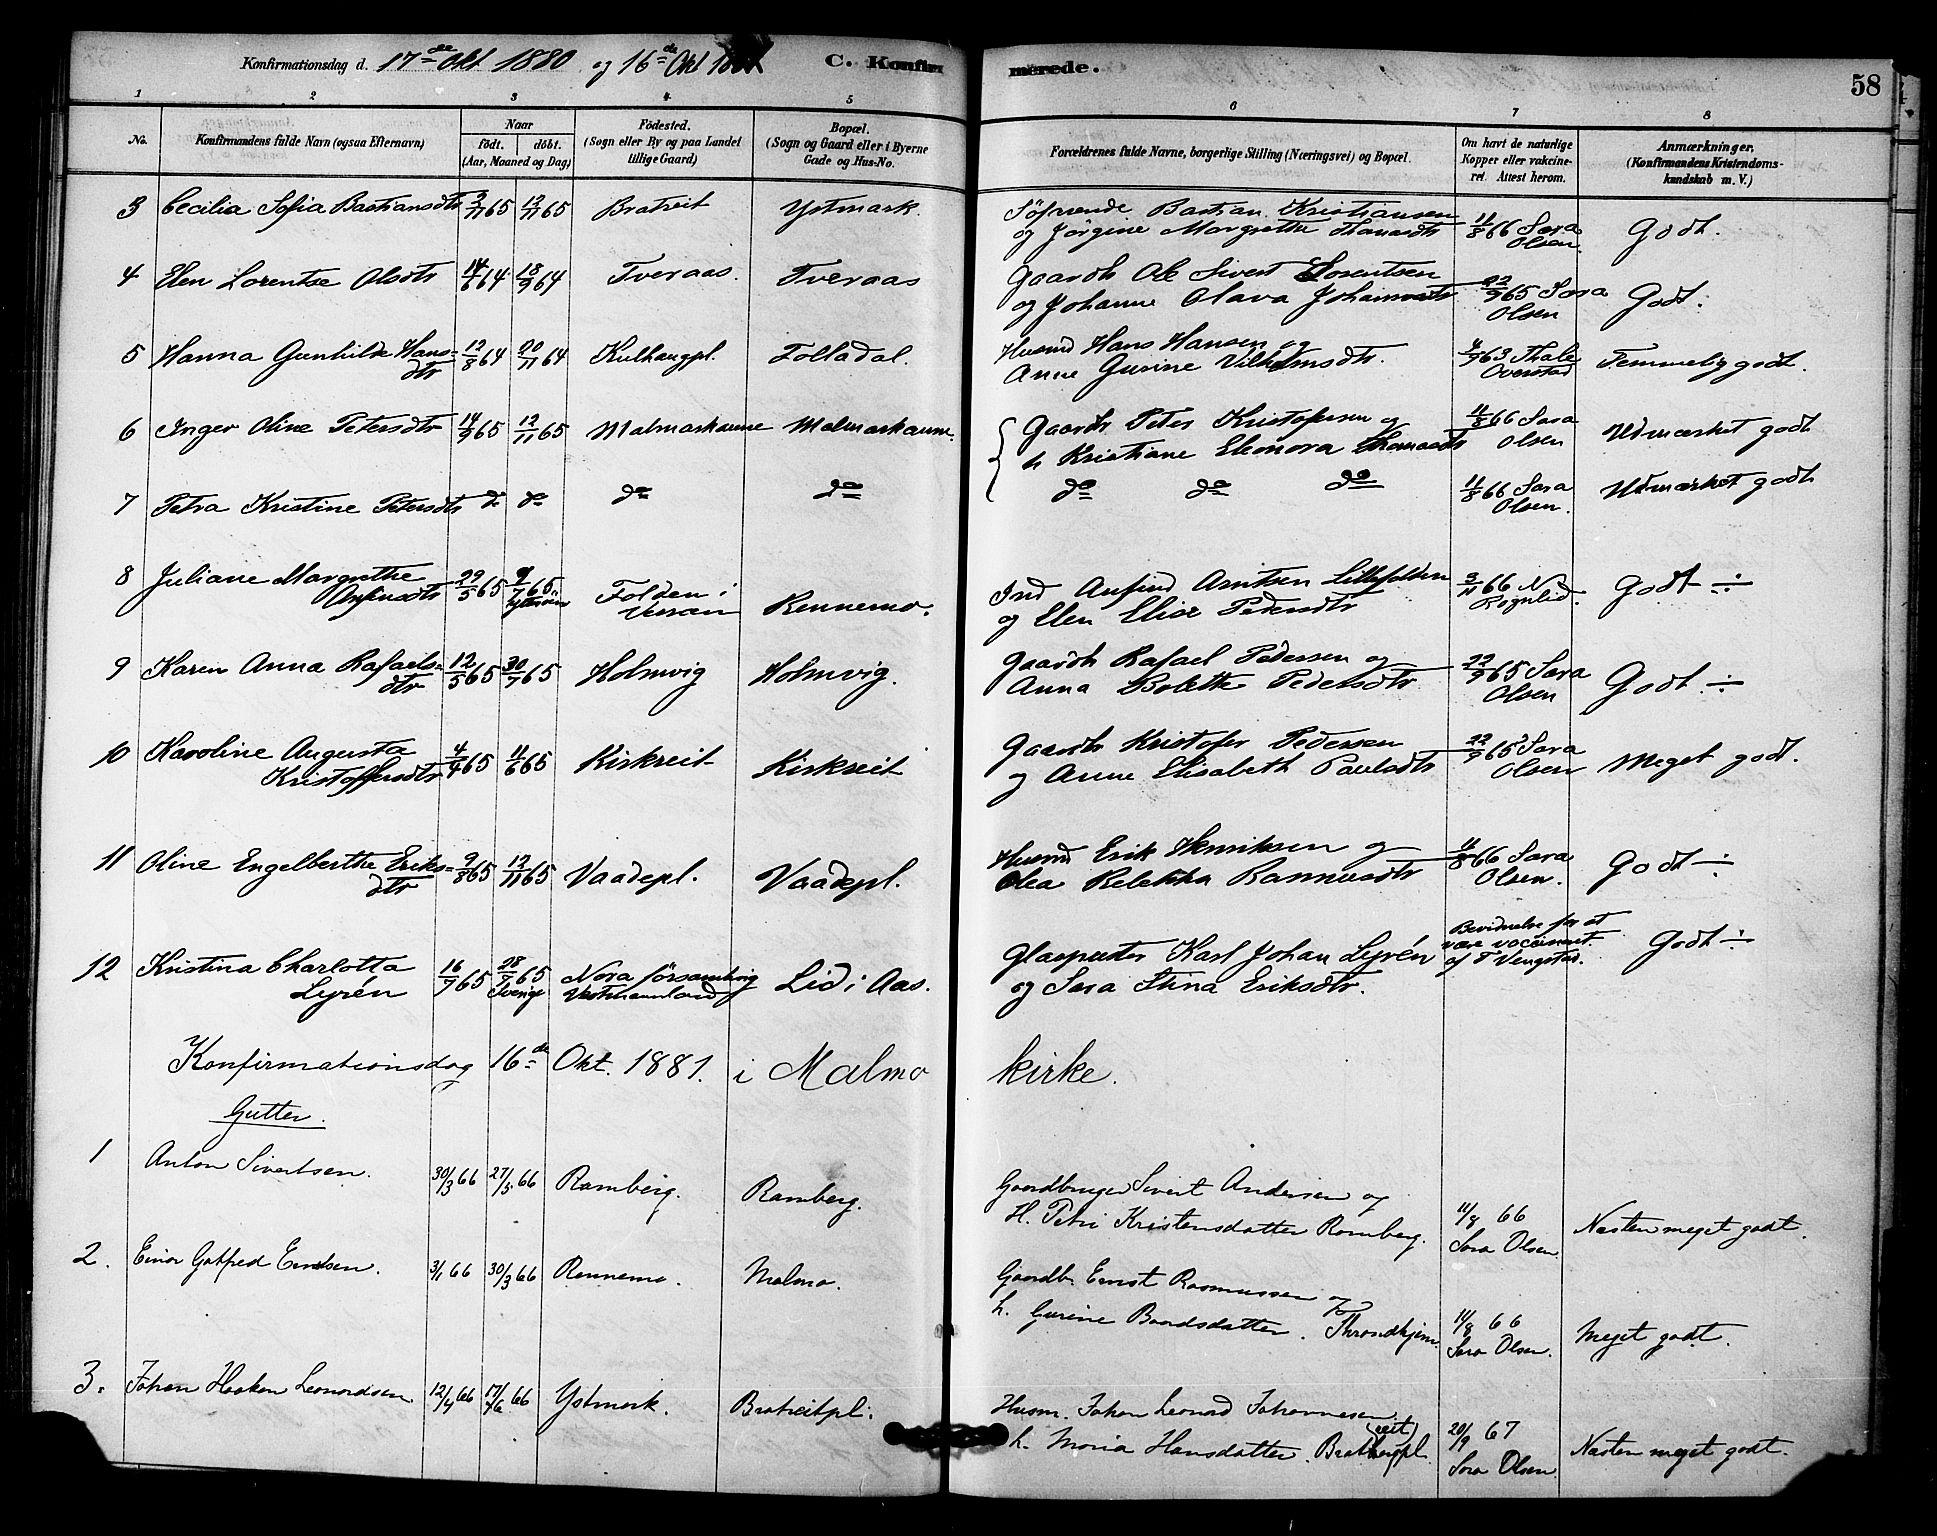 SAT, Ministerialprotokoller, klokkerbøker og fødselsregistre - Nord-Trøndelag, 745/L0429: Ministerialbok nr. 745A01, 1878-1894, s. 58